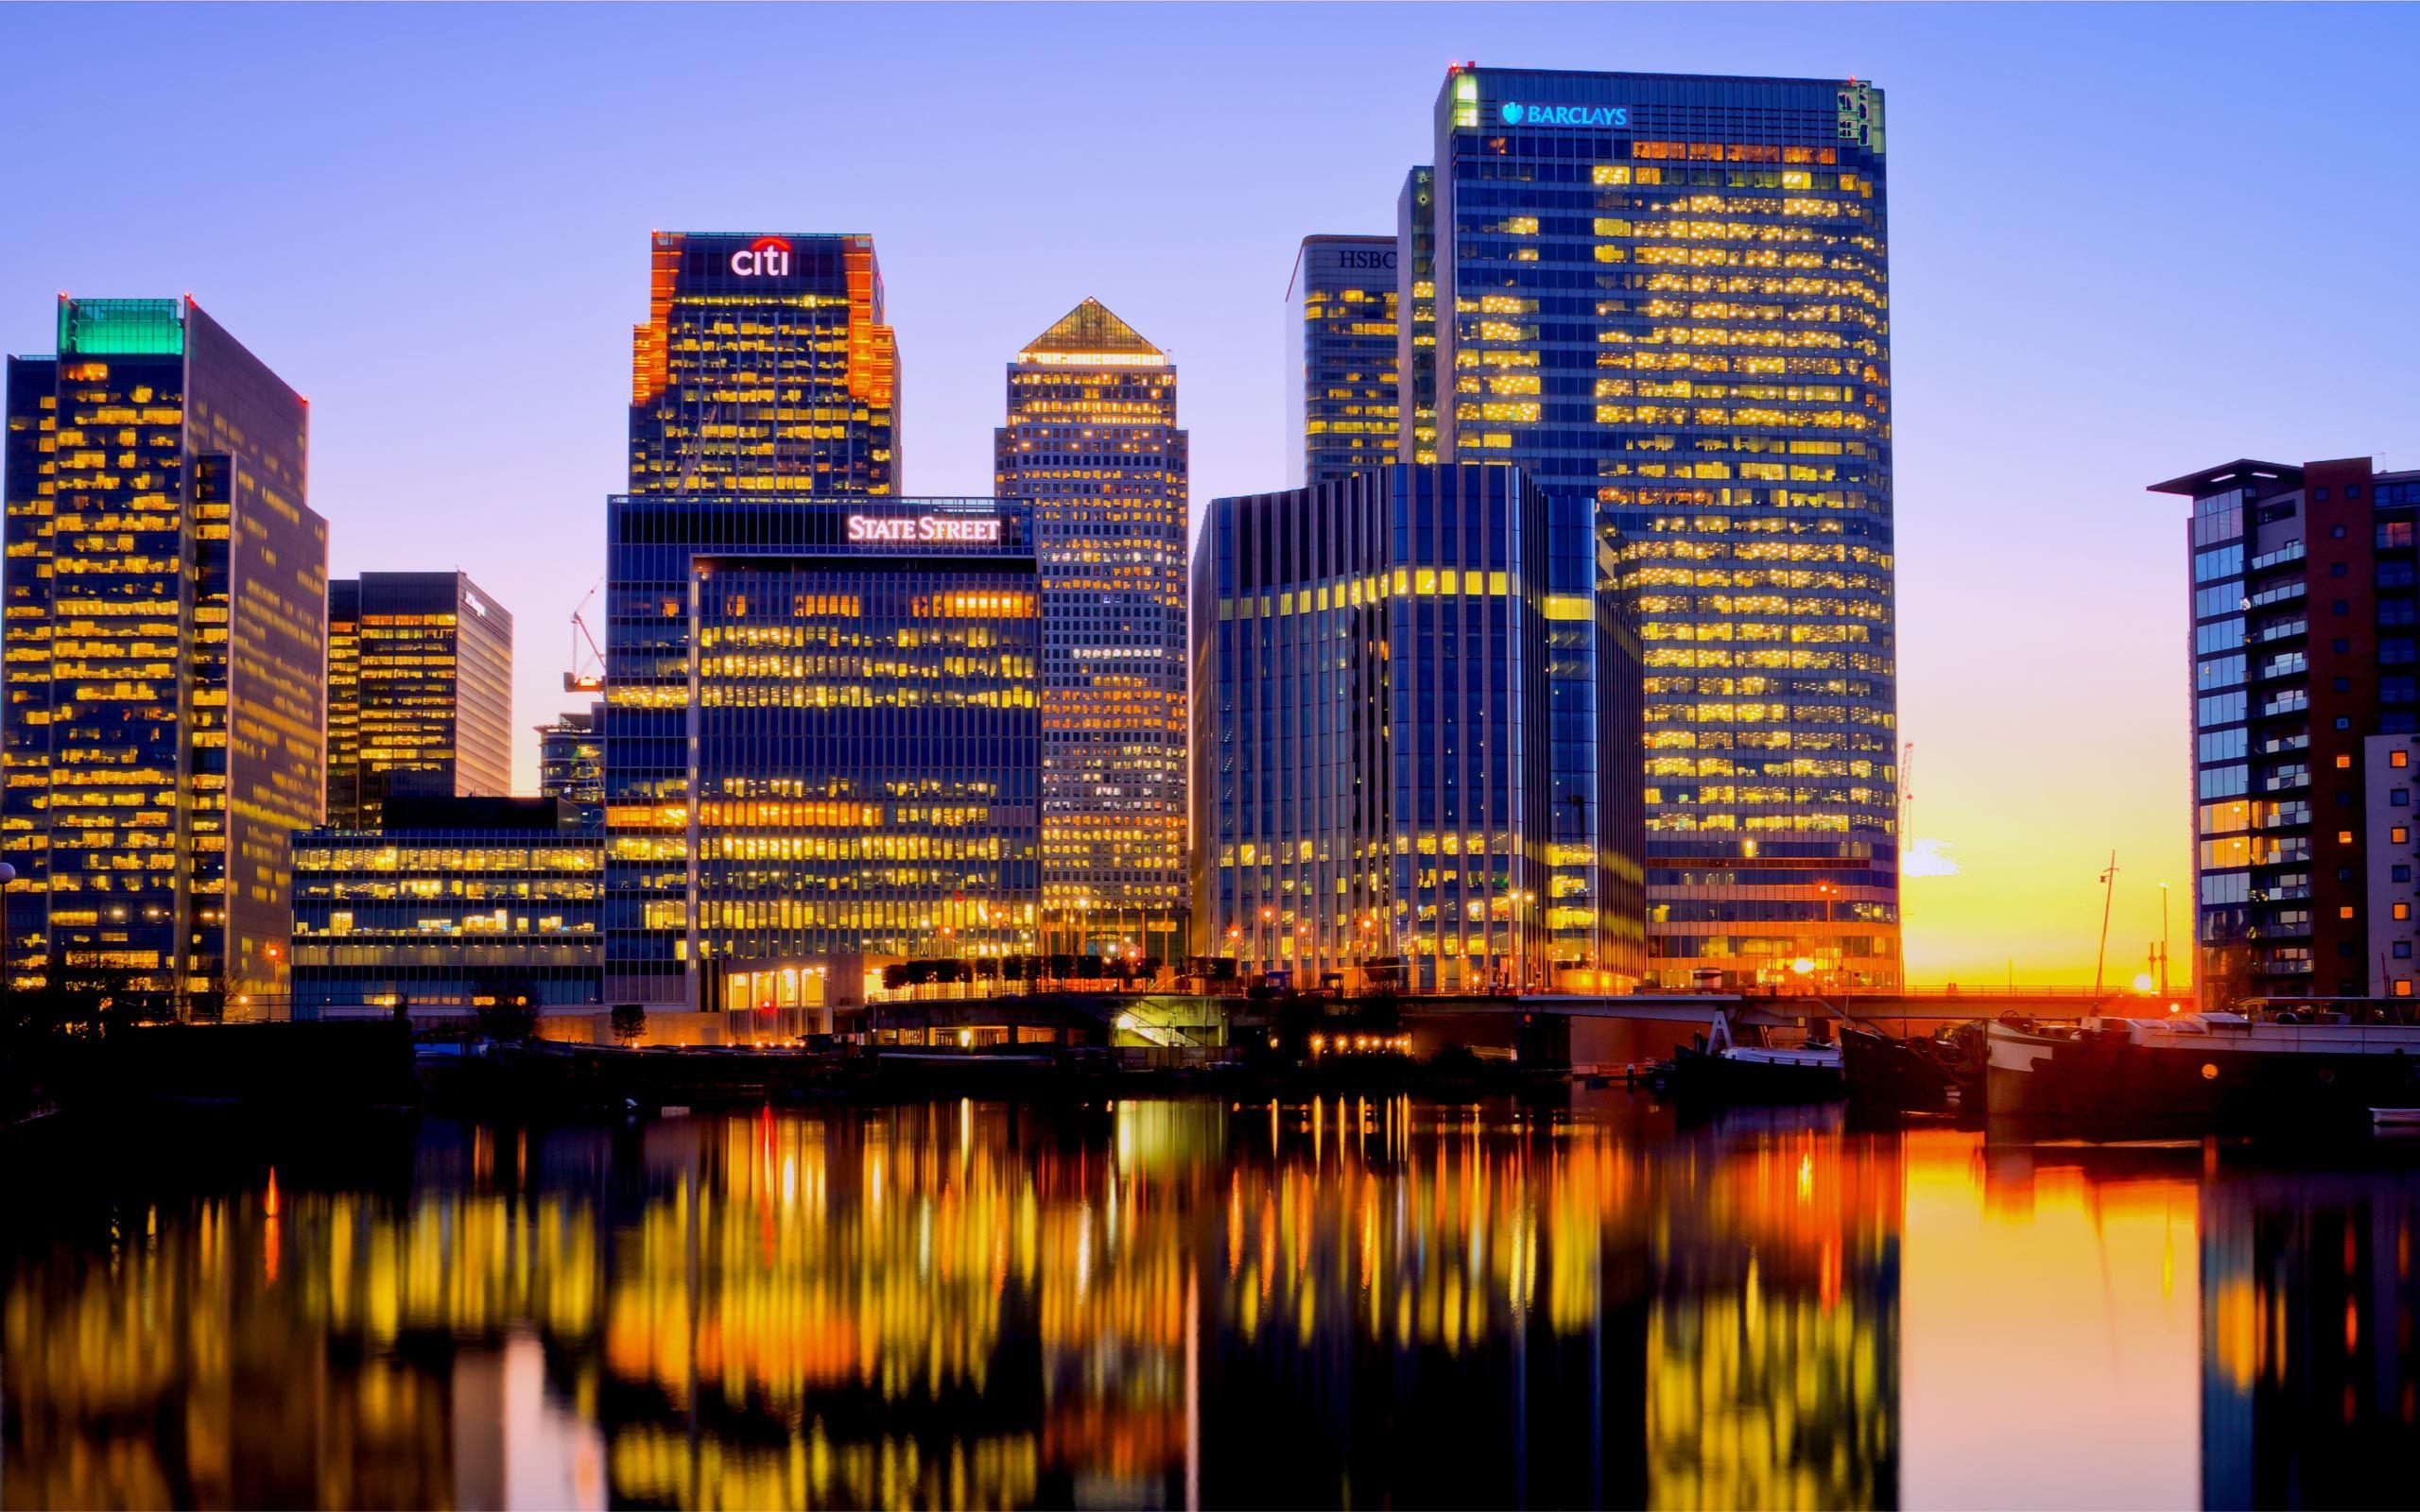 City Landscape Google Search London City City Lights At Night City